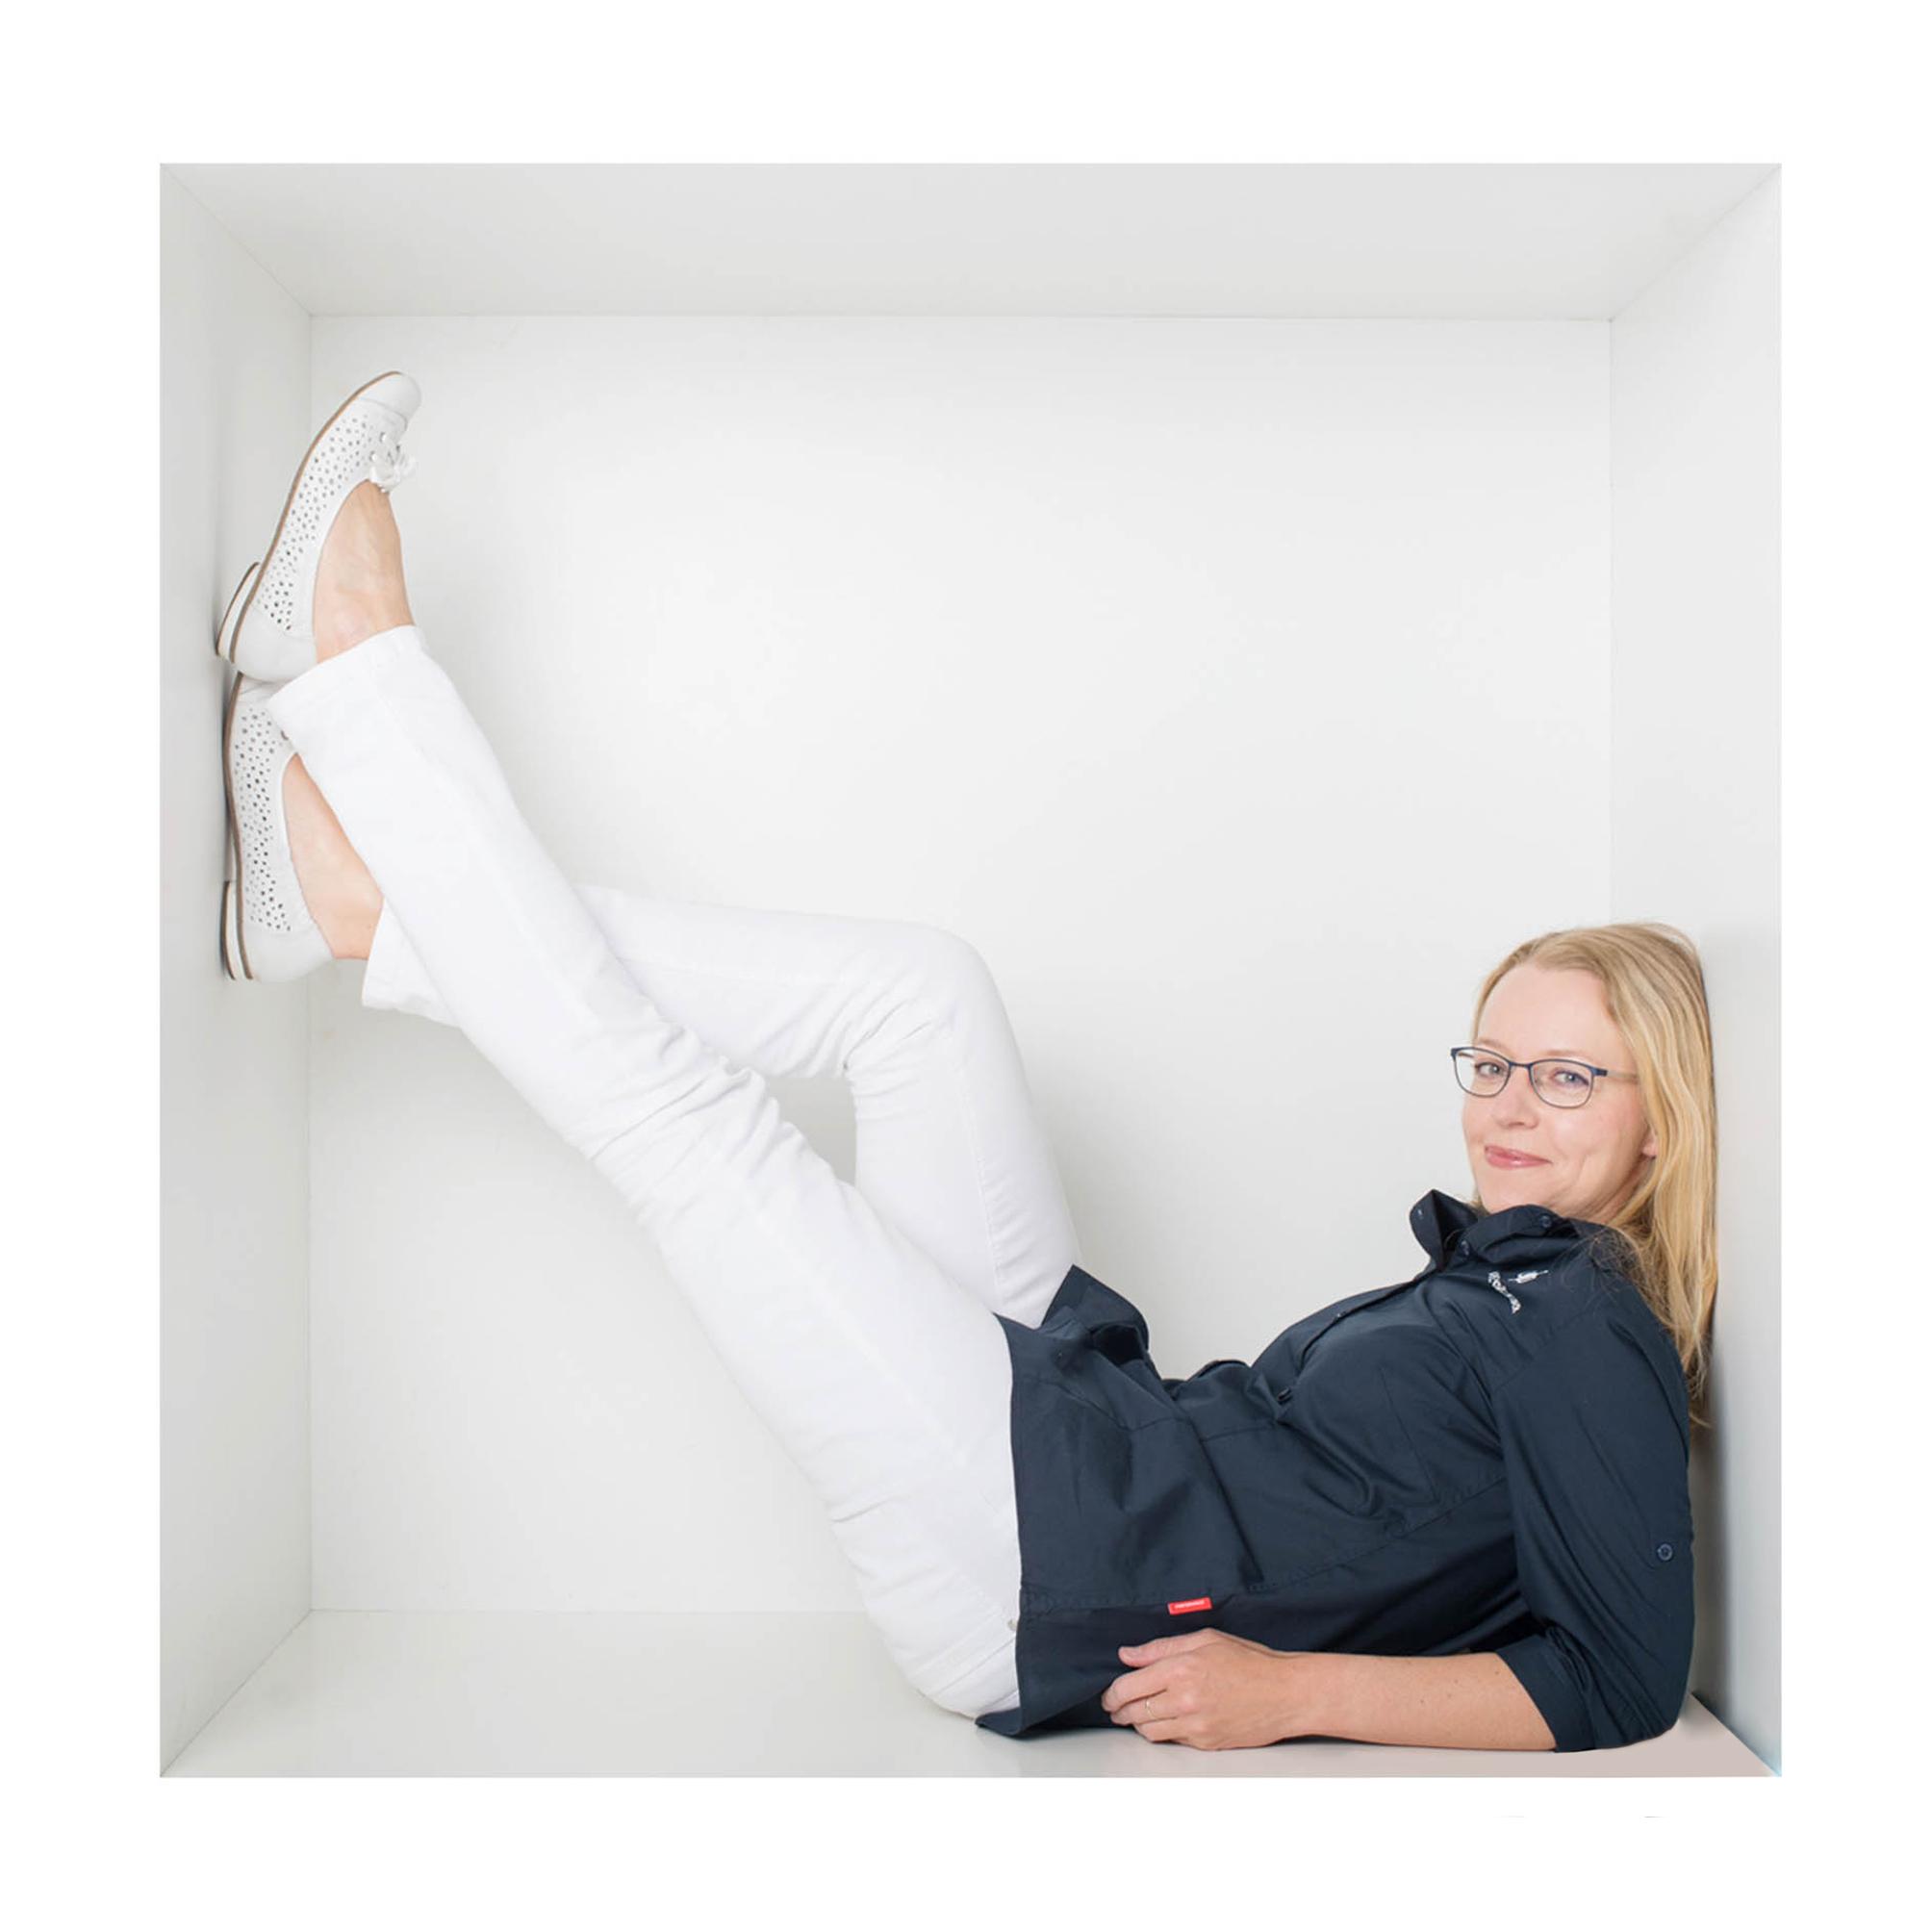 Mitarbeiter-Porträtfoto 9